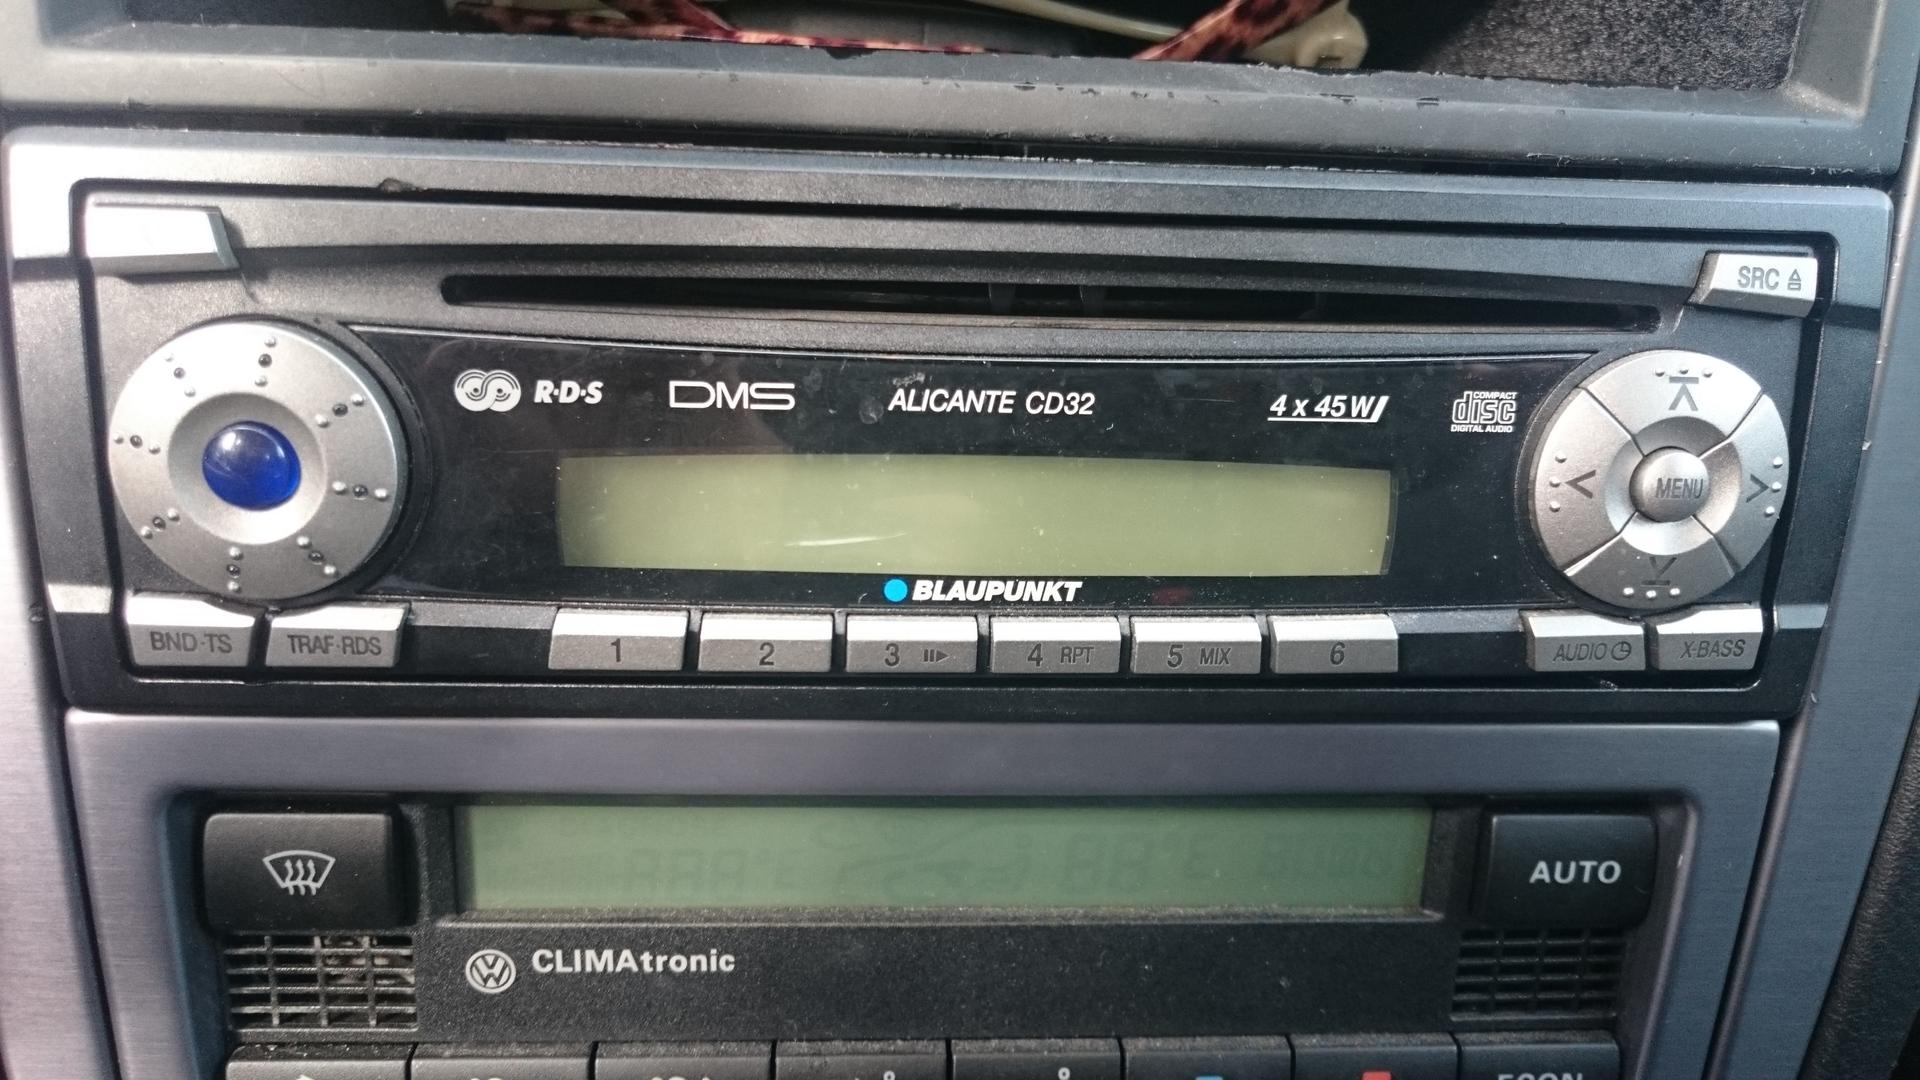 AUX-Kabel, Radio mit und ohne Display | anschluss, auxkabel, display ...